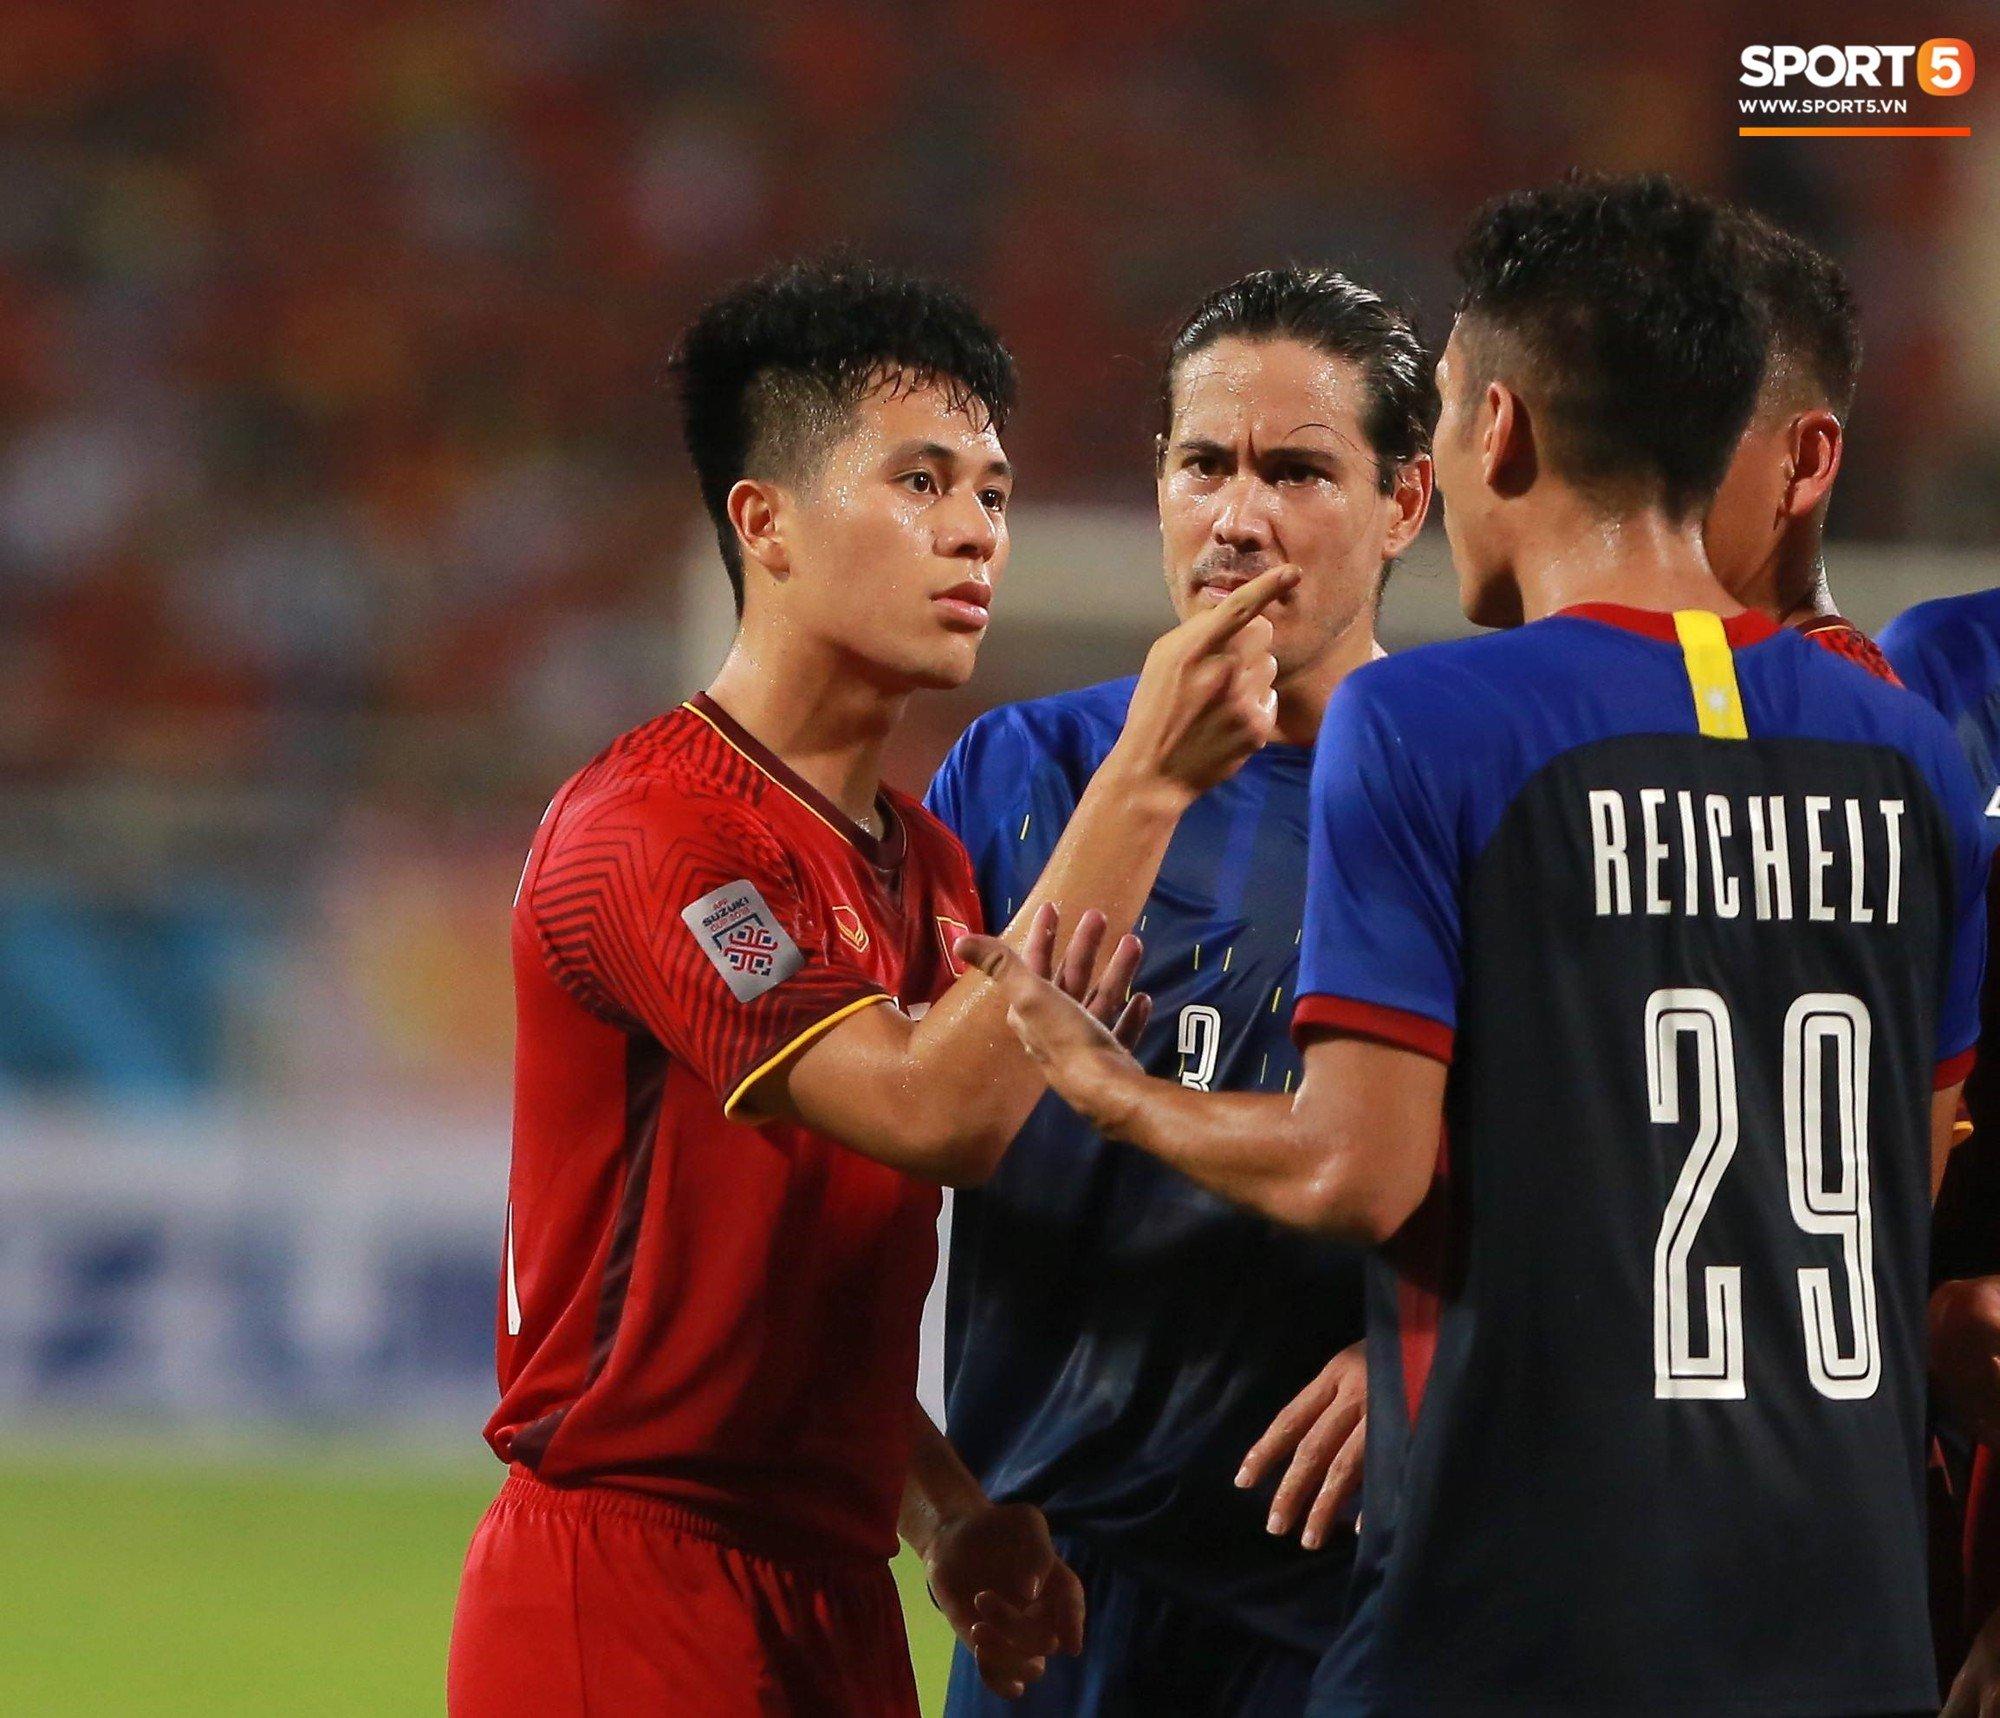 Hình ảnh Đình Trọng gay gắt chỉ thẳng mặt cầu thủ Philippines chơi xấu để bảo vệ em út Văn Hậu số 1